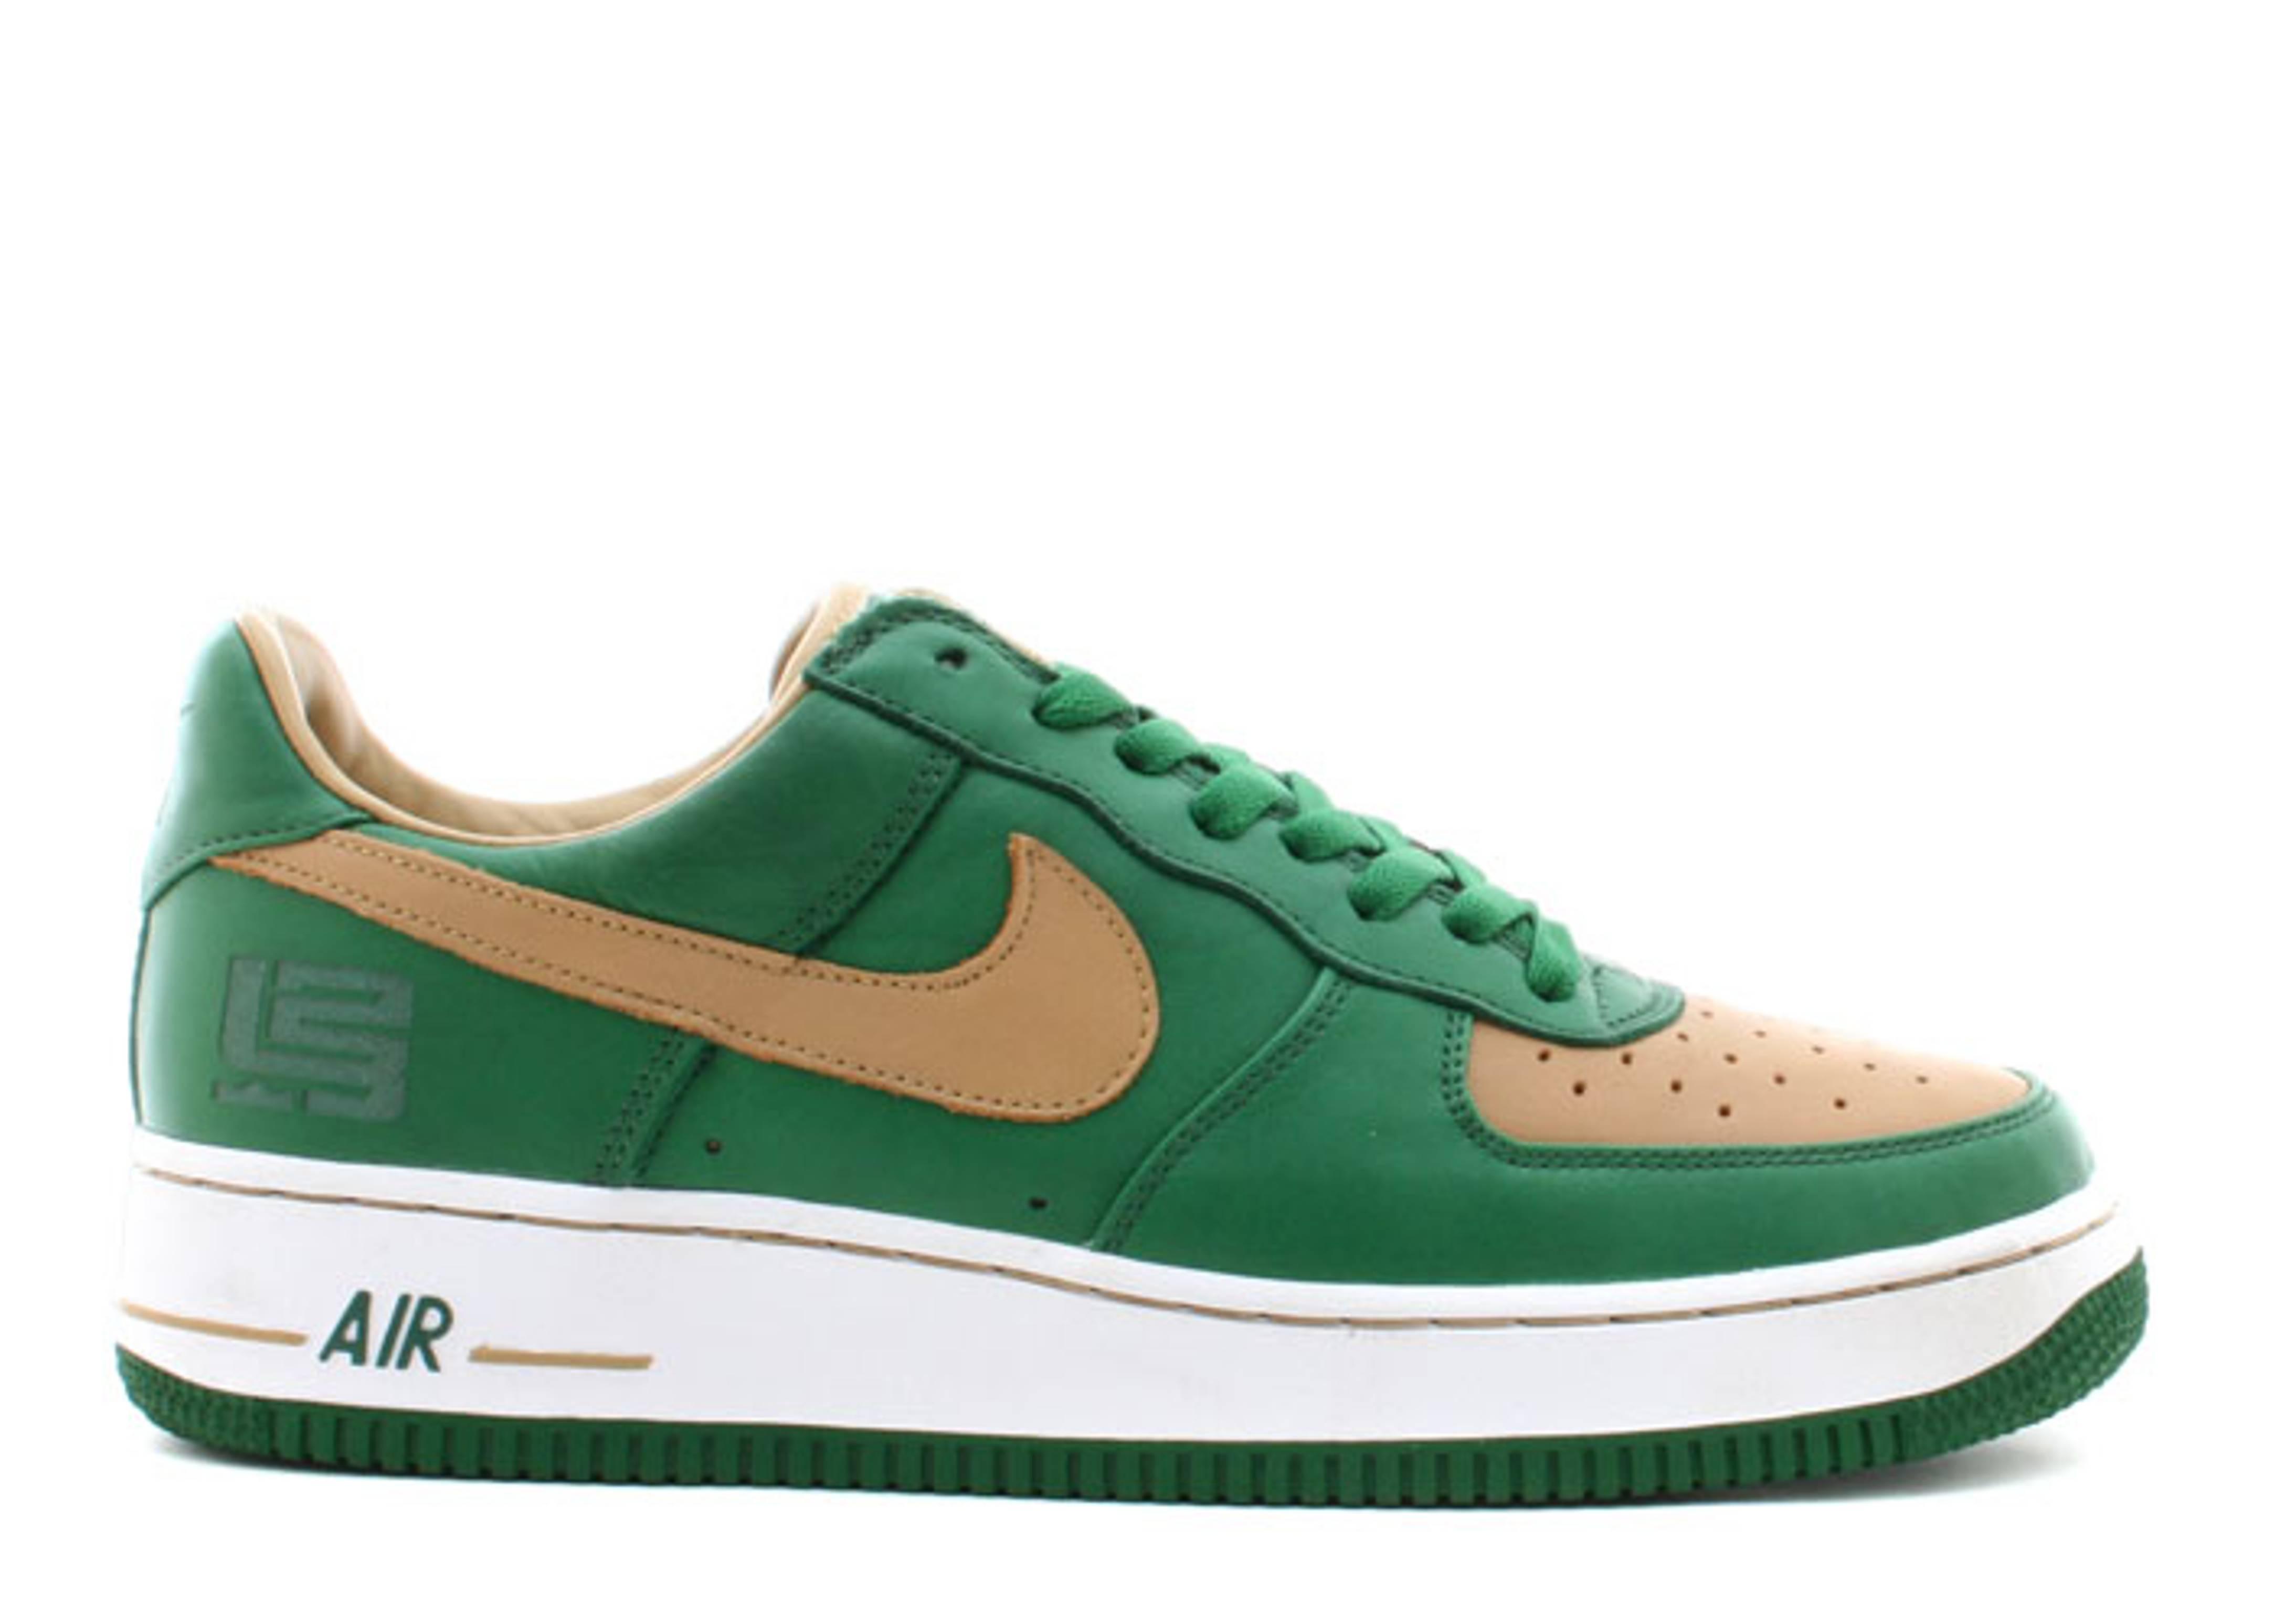 e424370179504 Air Force 1 Premium